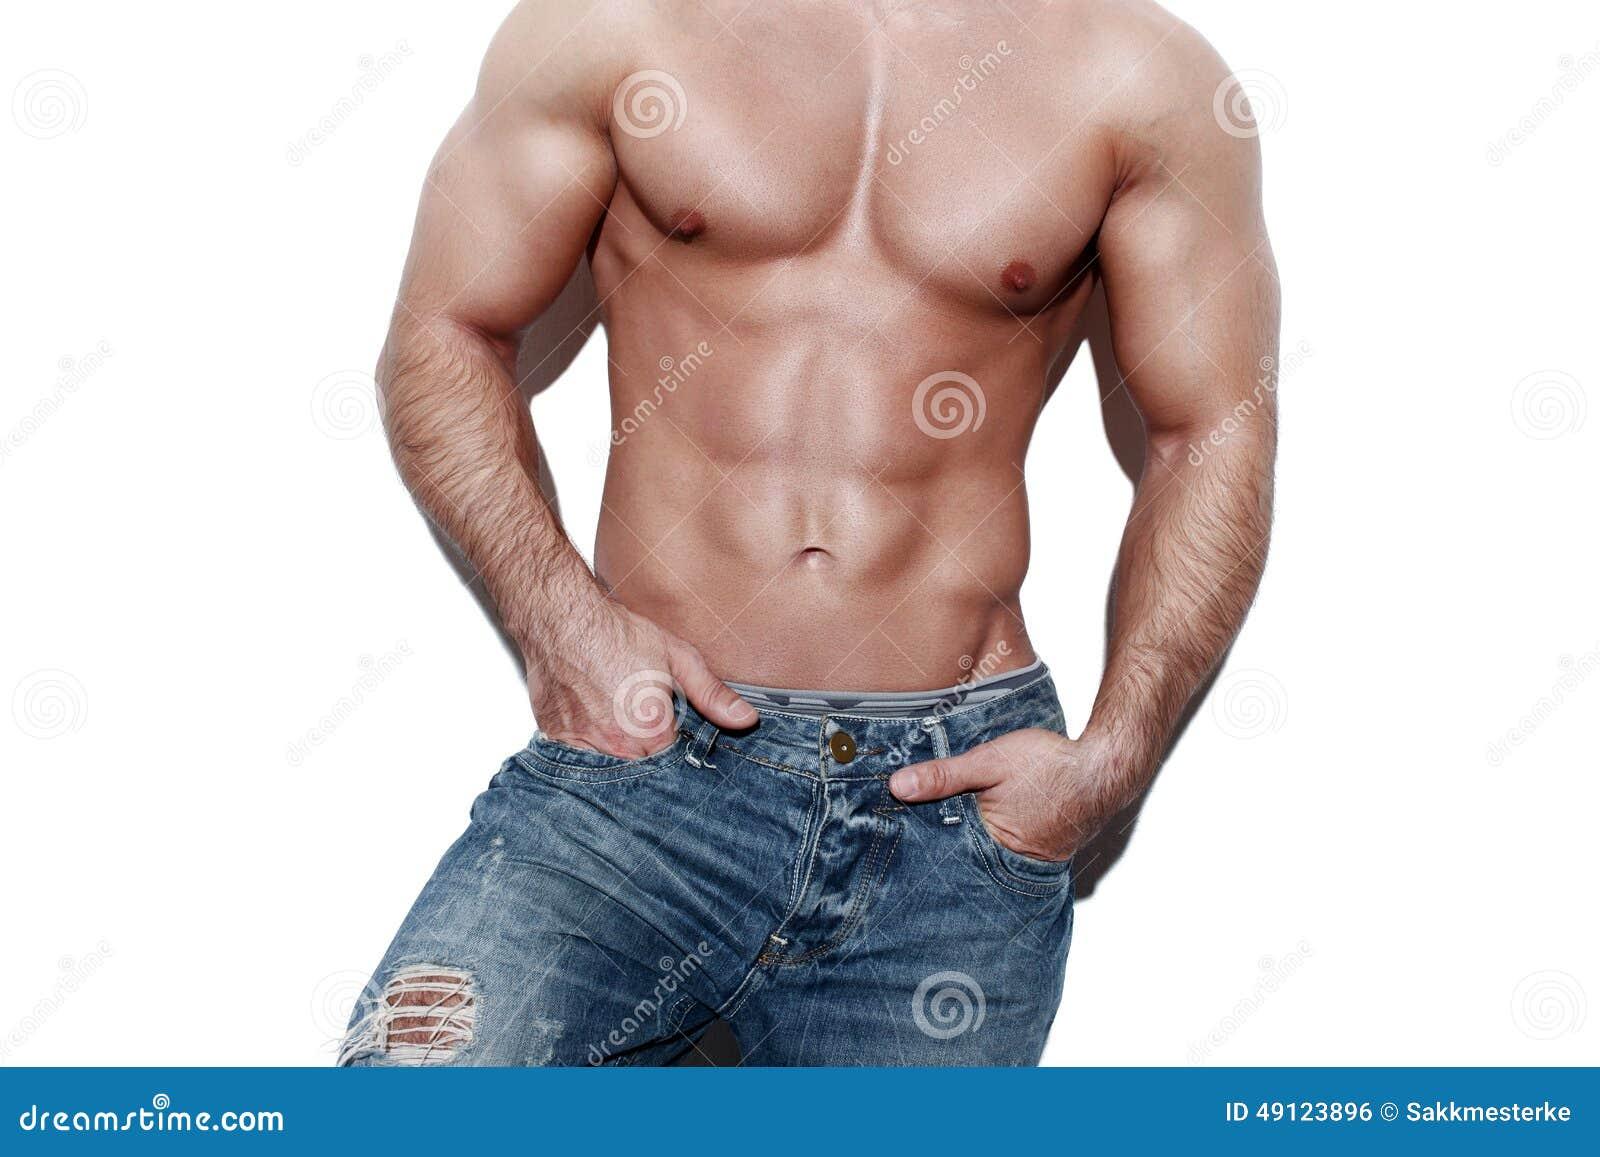 Сексуальный и мускулистый мачо 21 фотография